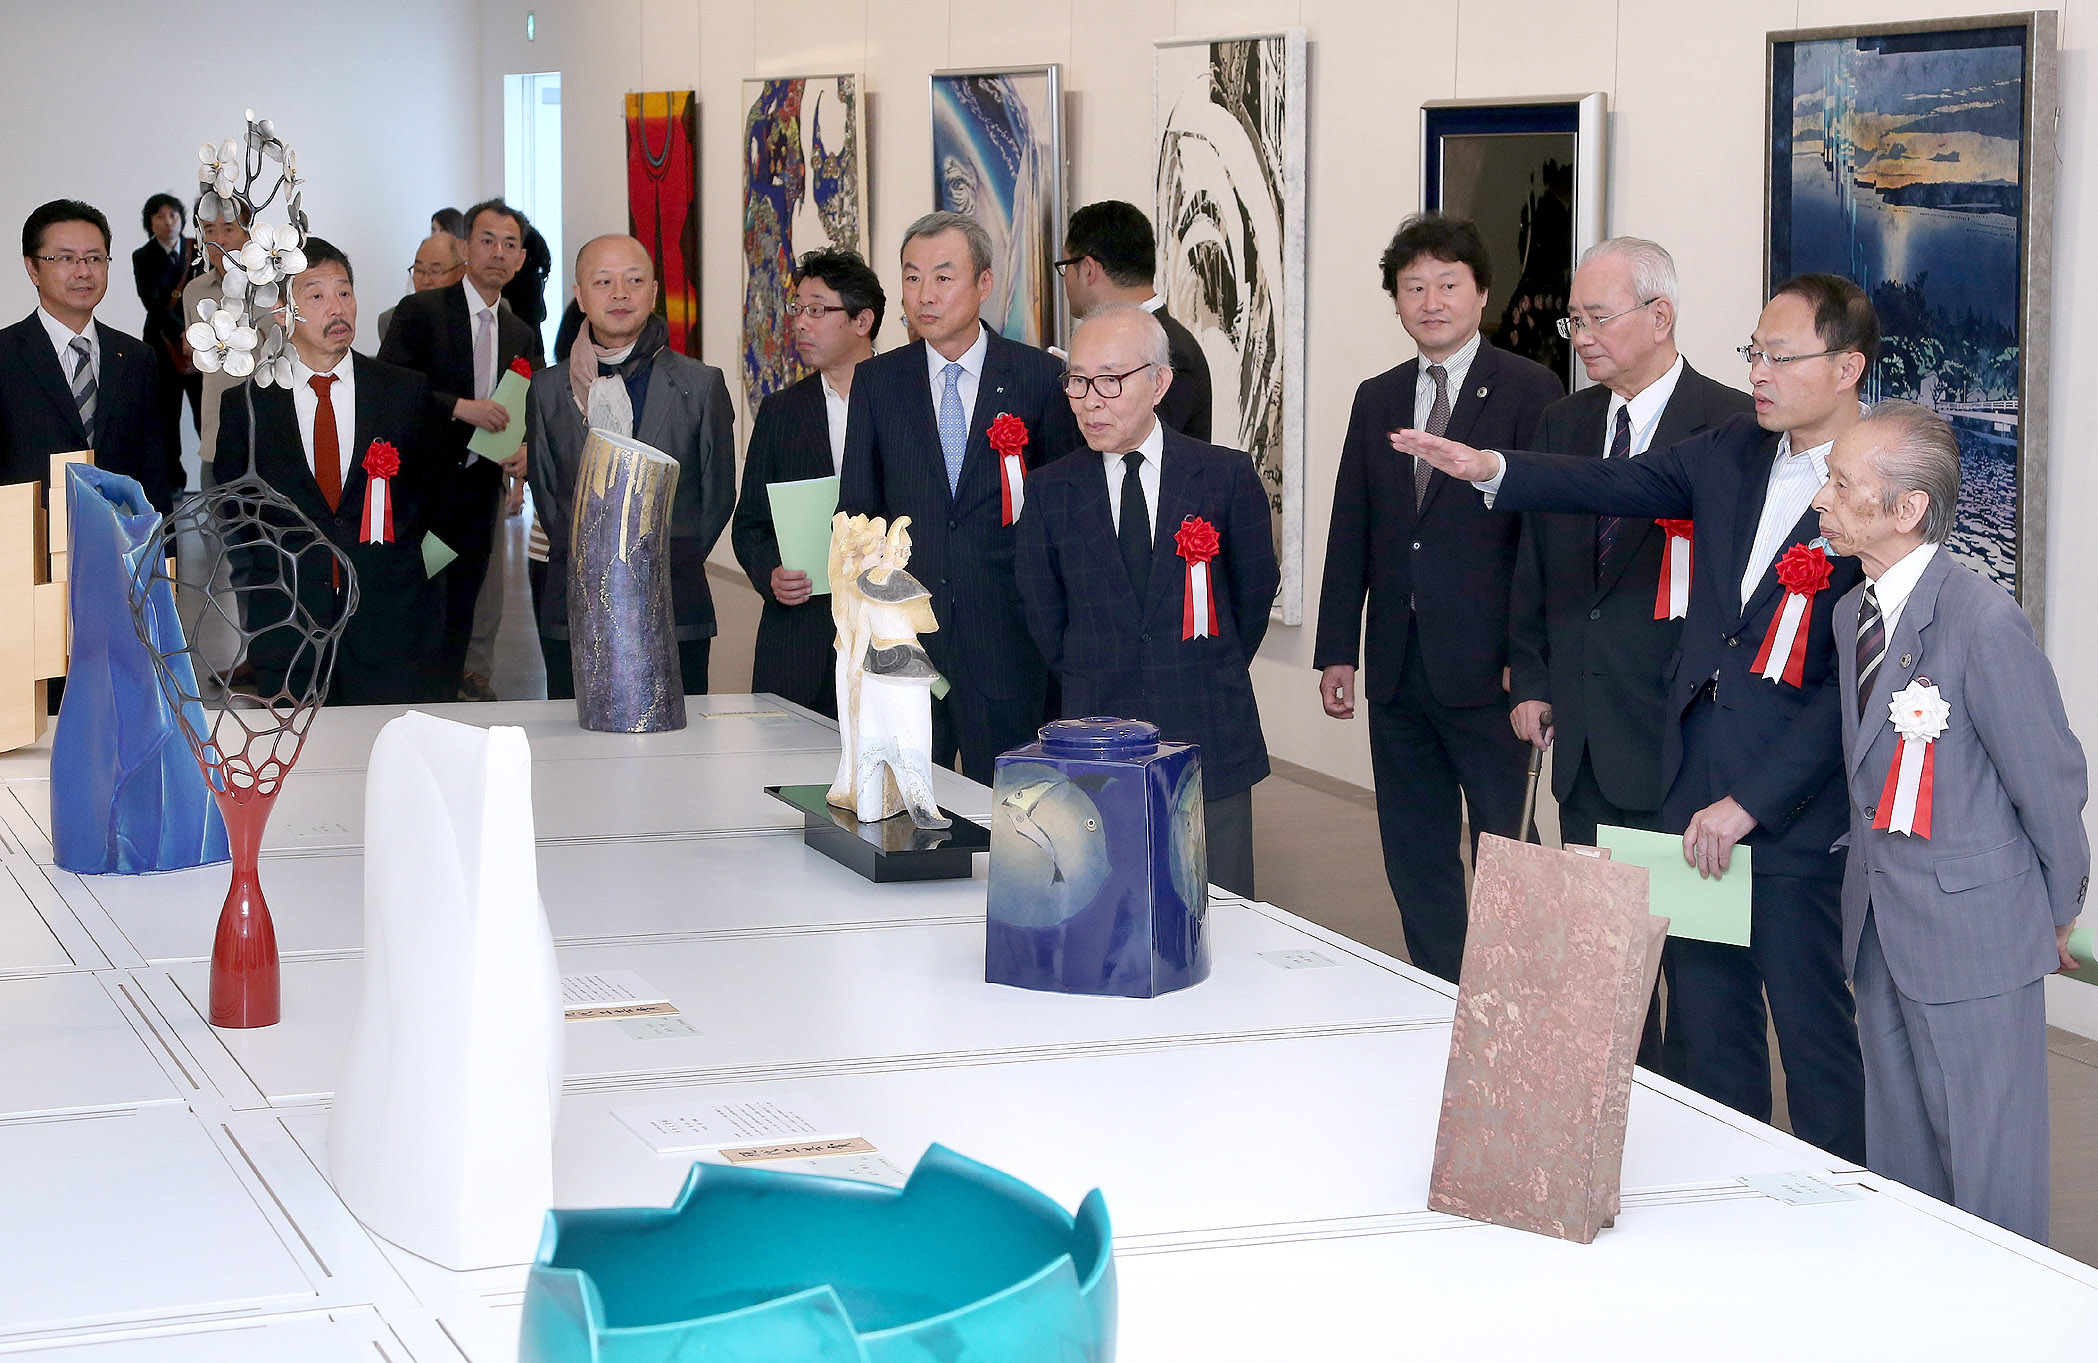 力作の数々を鑑賞する開場式出席者=16日午前10時、金沢21世紀美術館市民ギャラリー